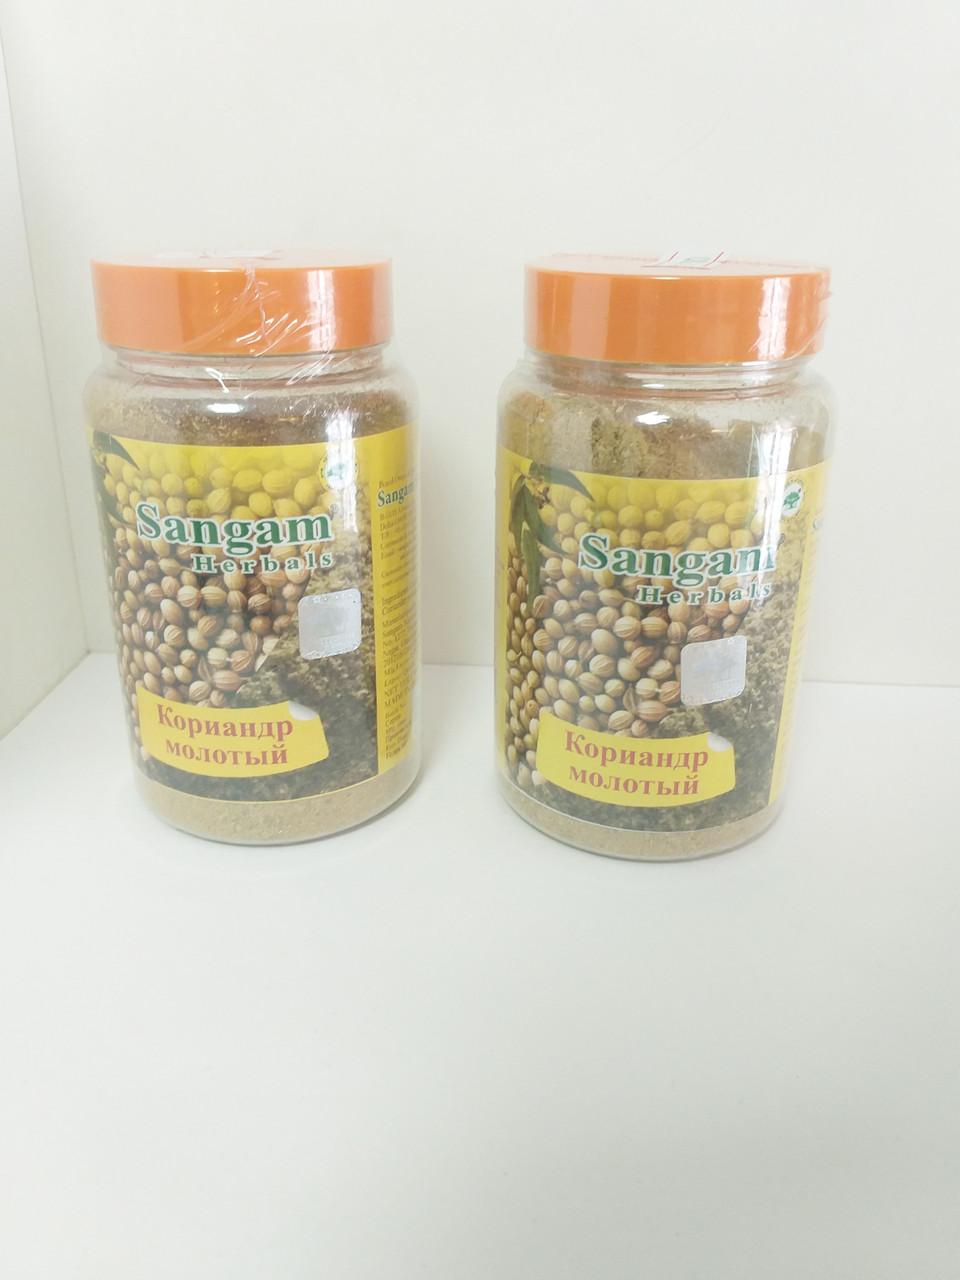 Кориандр молотый 100 гр, Сангам